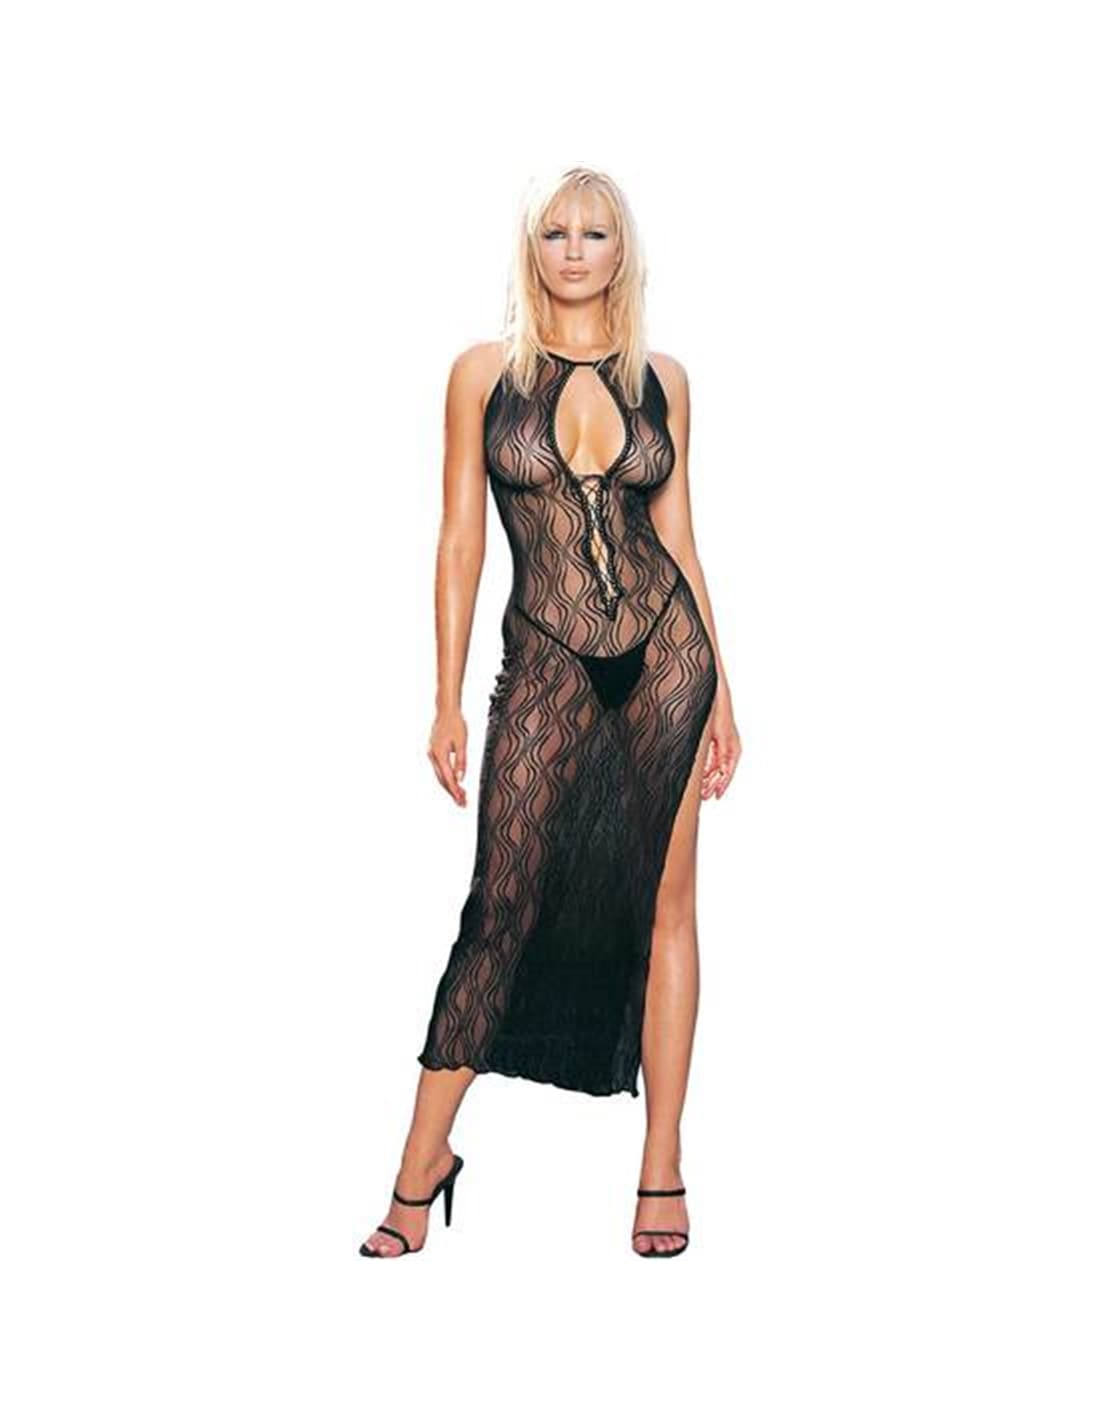 Vestido Longo de Renda com Padrão Ondulado - T. ÚNICO - PR2010304917